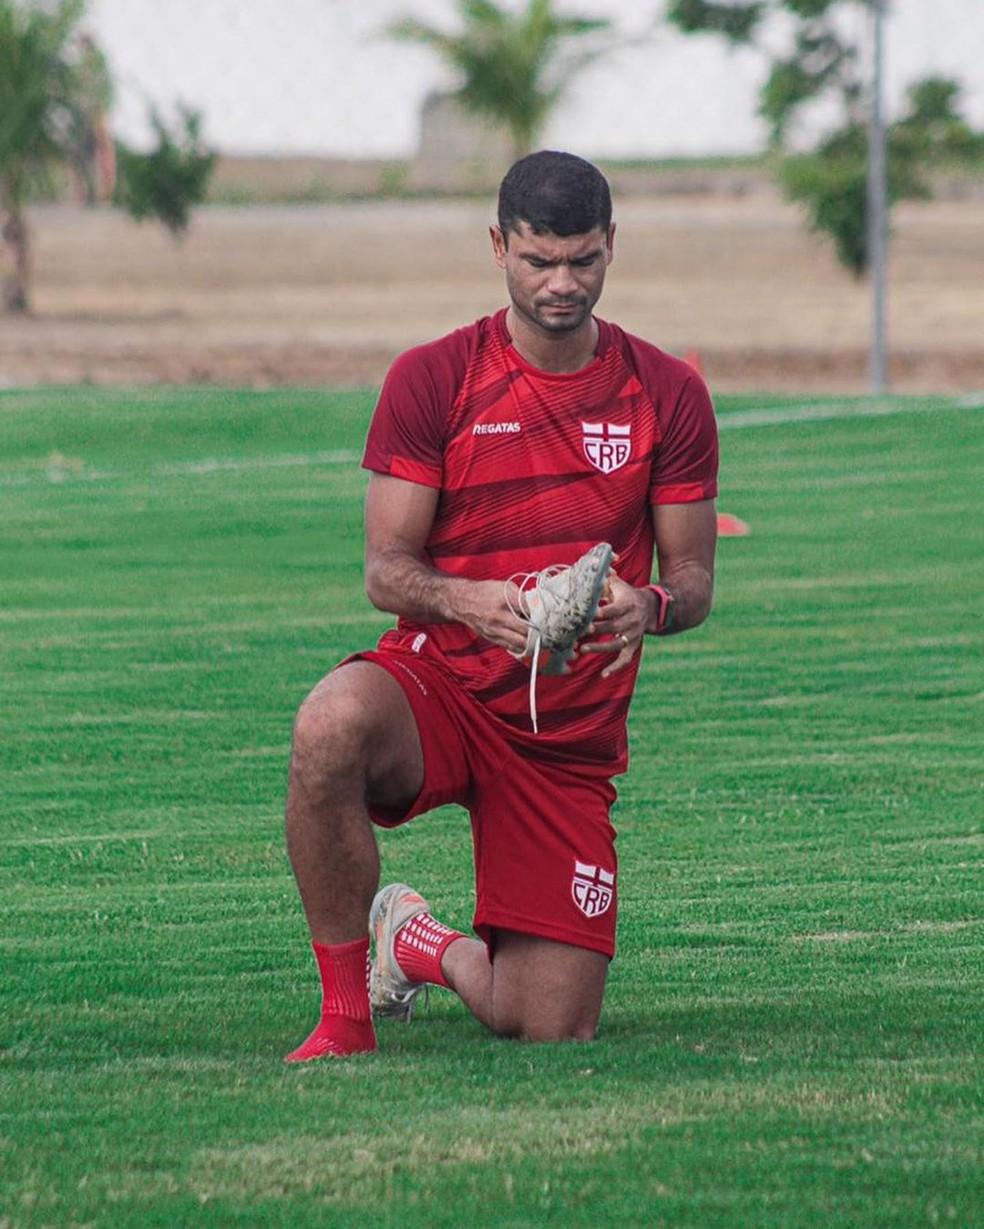 Zagueiro Gum faz parte do elenco do CRB — Foto: ASCOM CRB